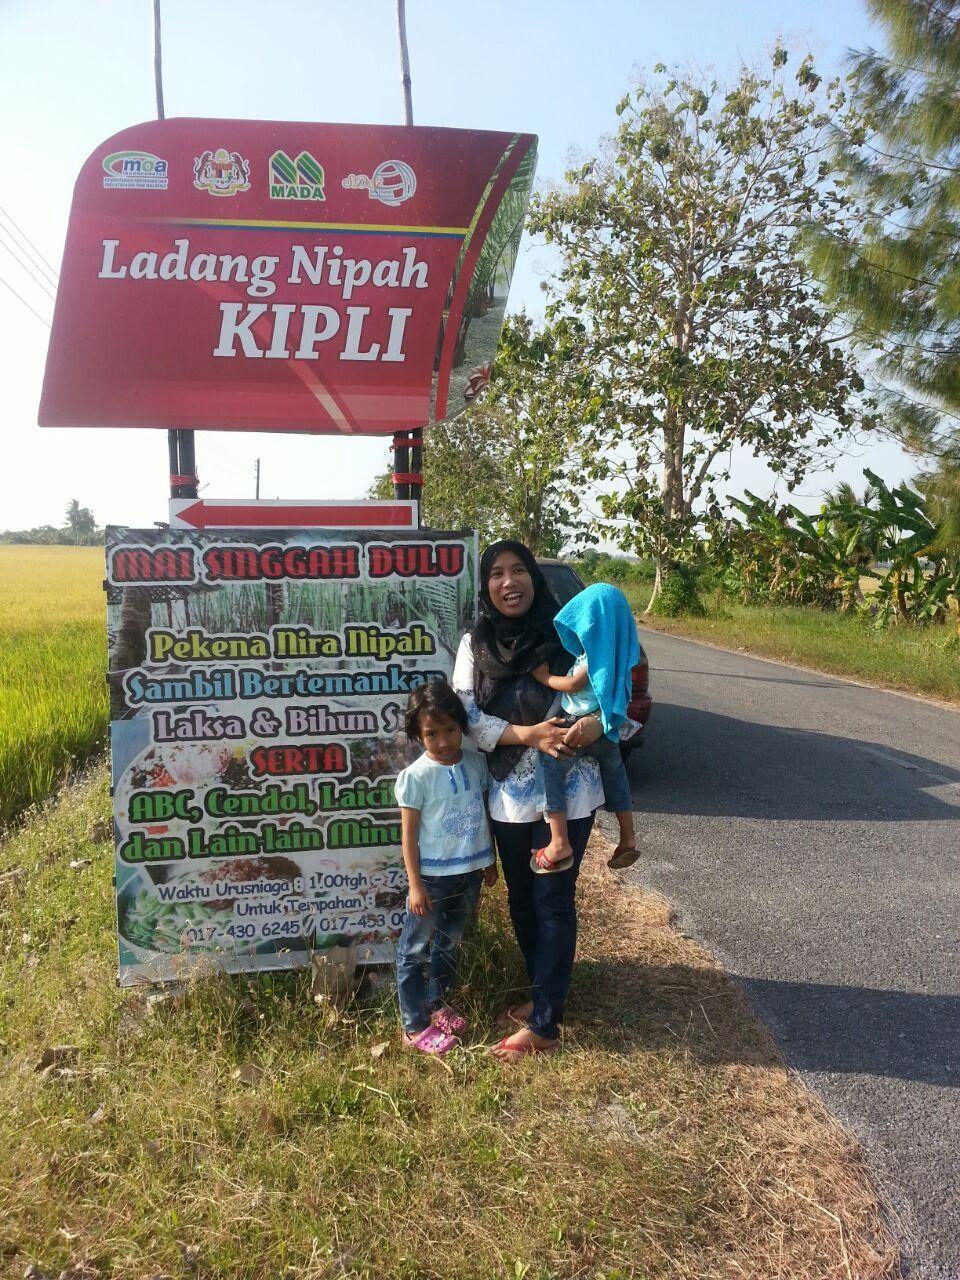 Nira Nipah Kipli (part 2)